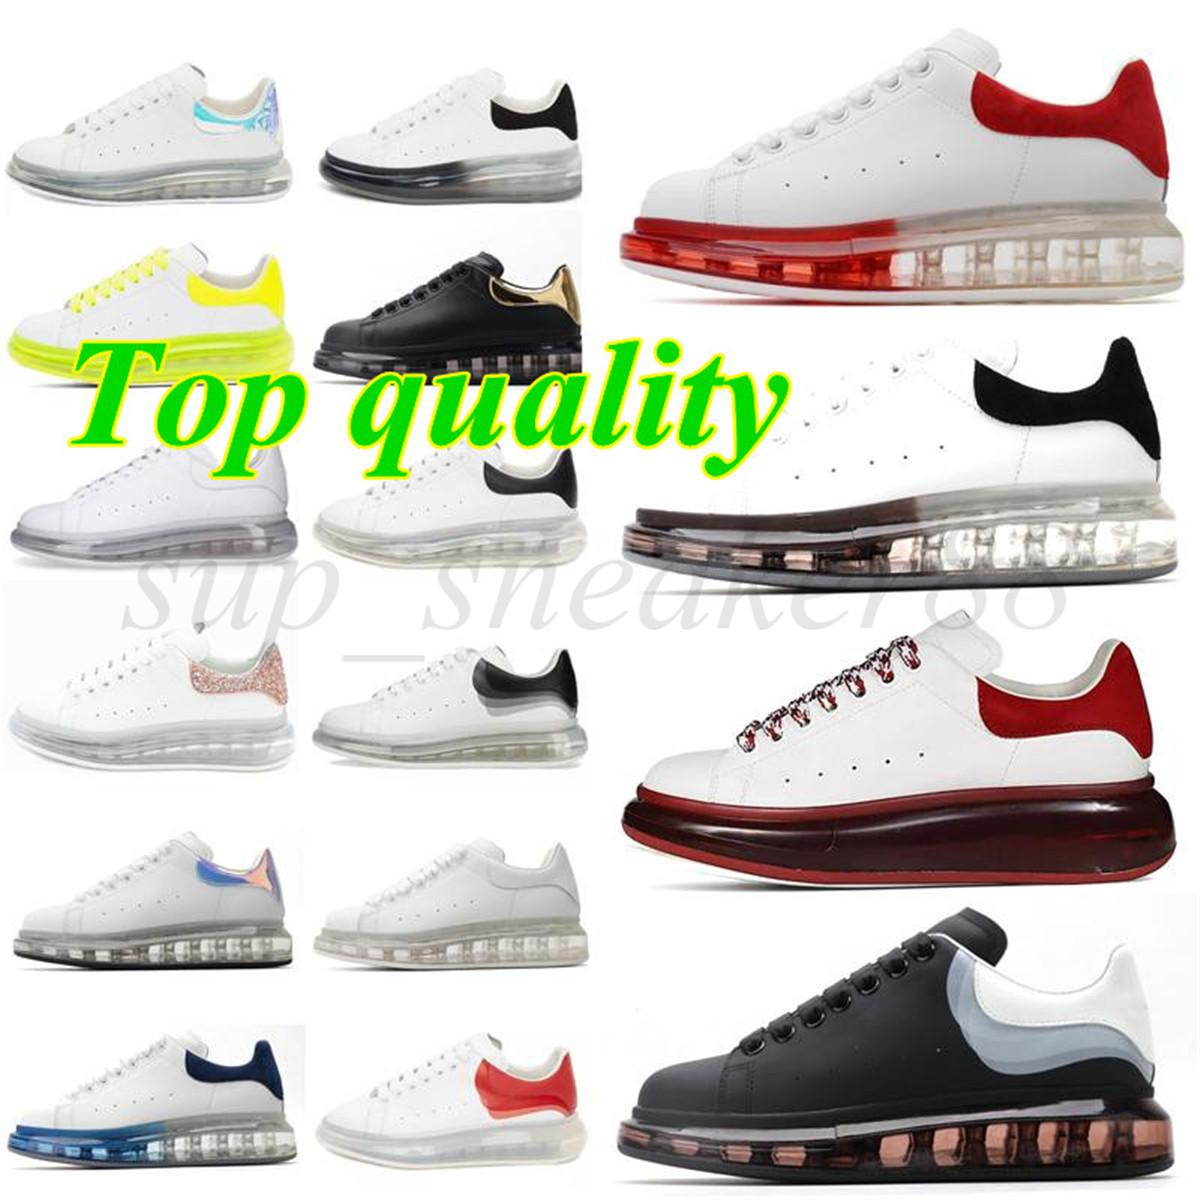 Cristal Sapatos Preto Plataforma Branca Classic Casual Mens Mulheres Sneakers Designer Dress Bottom Shoe Sports